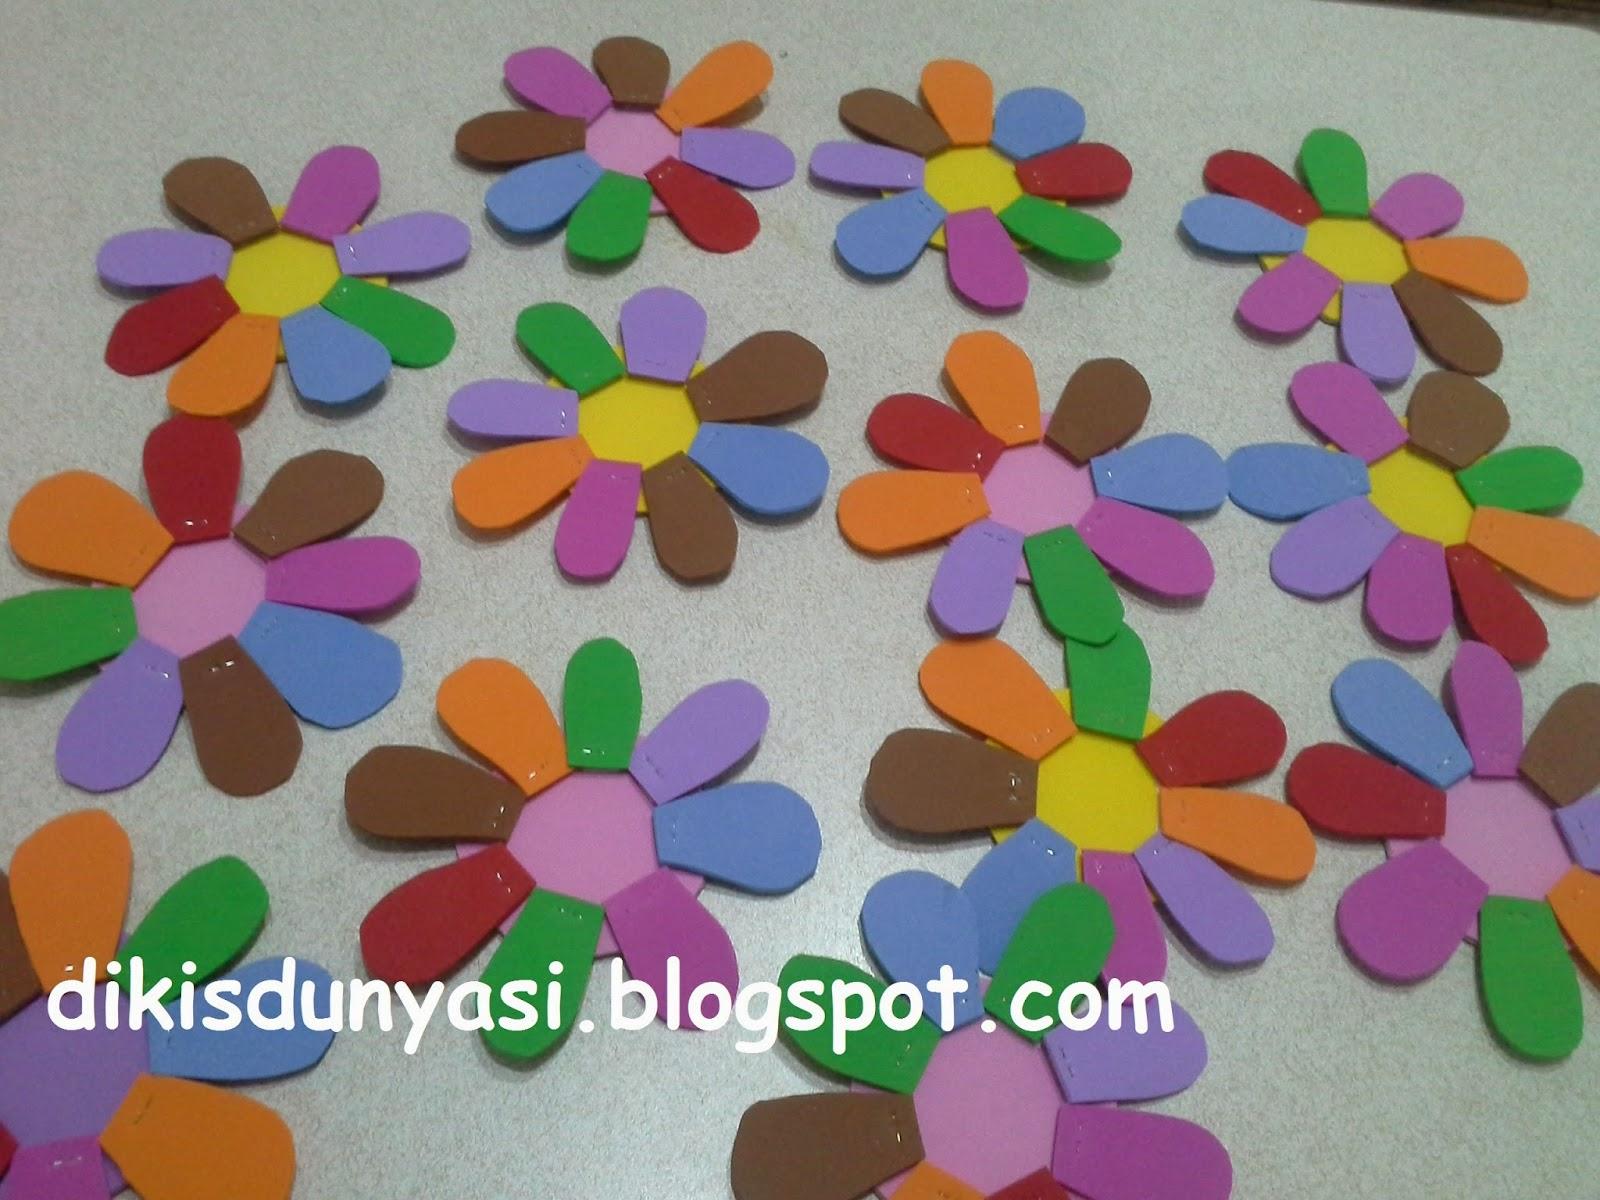 okul öncesi davranış çiçekleri proje ödevim